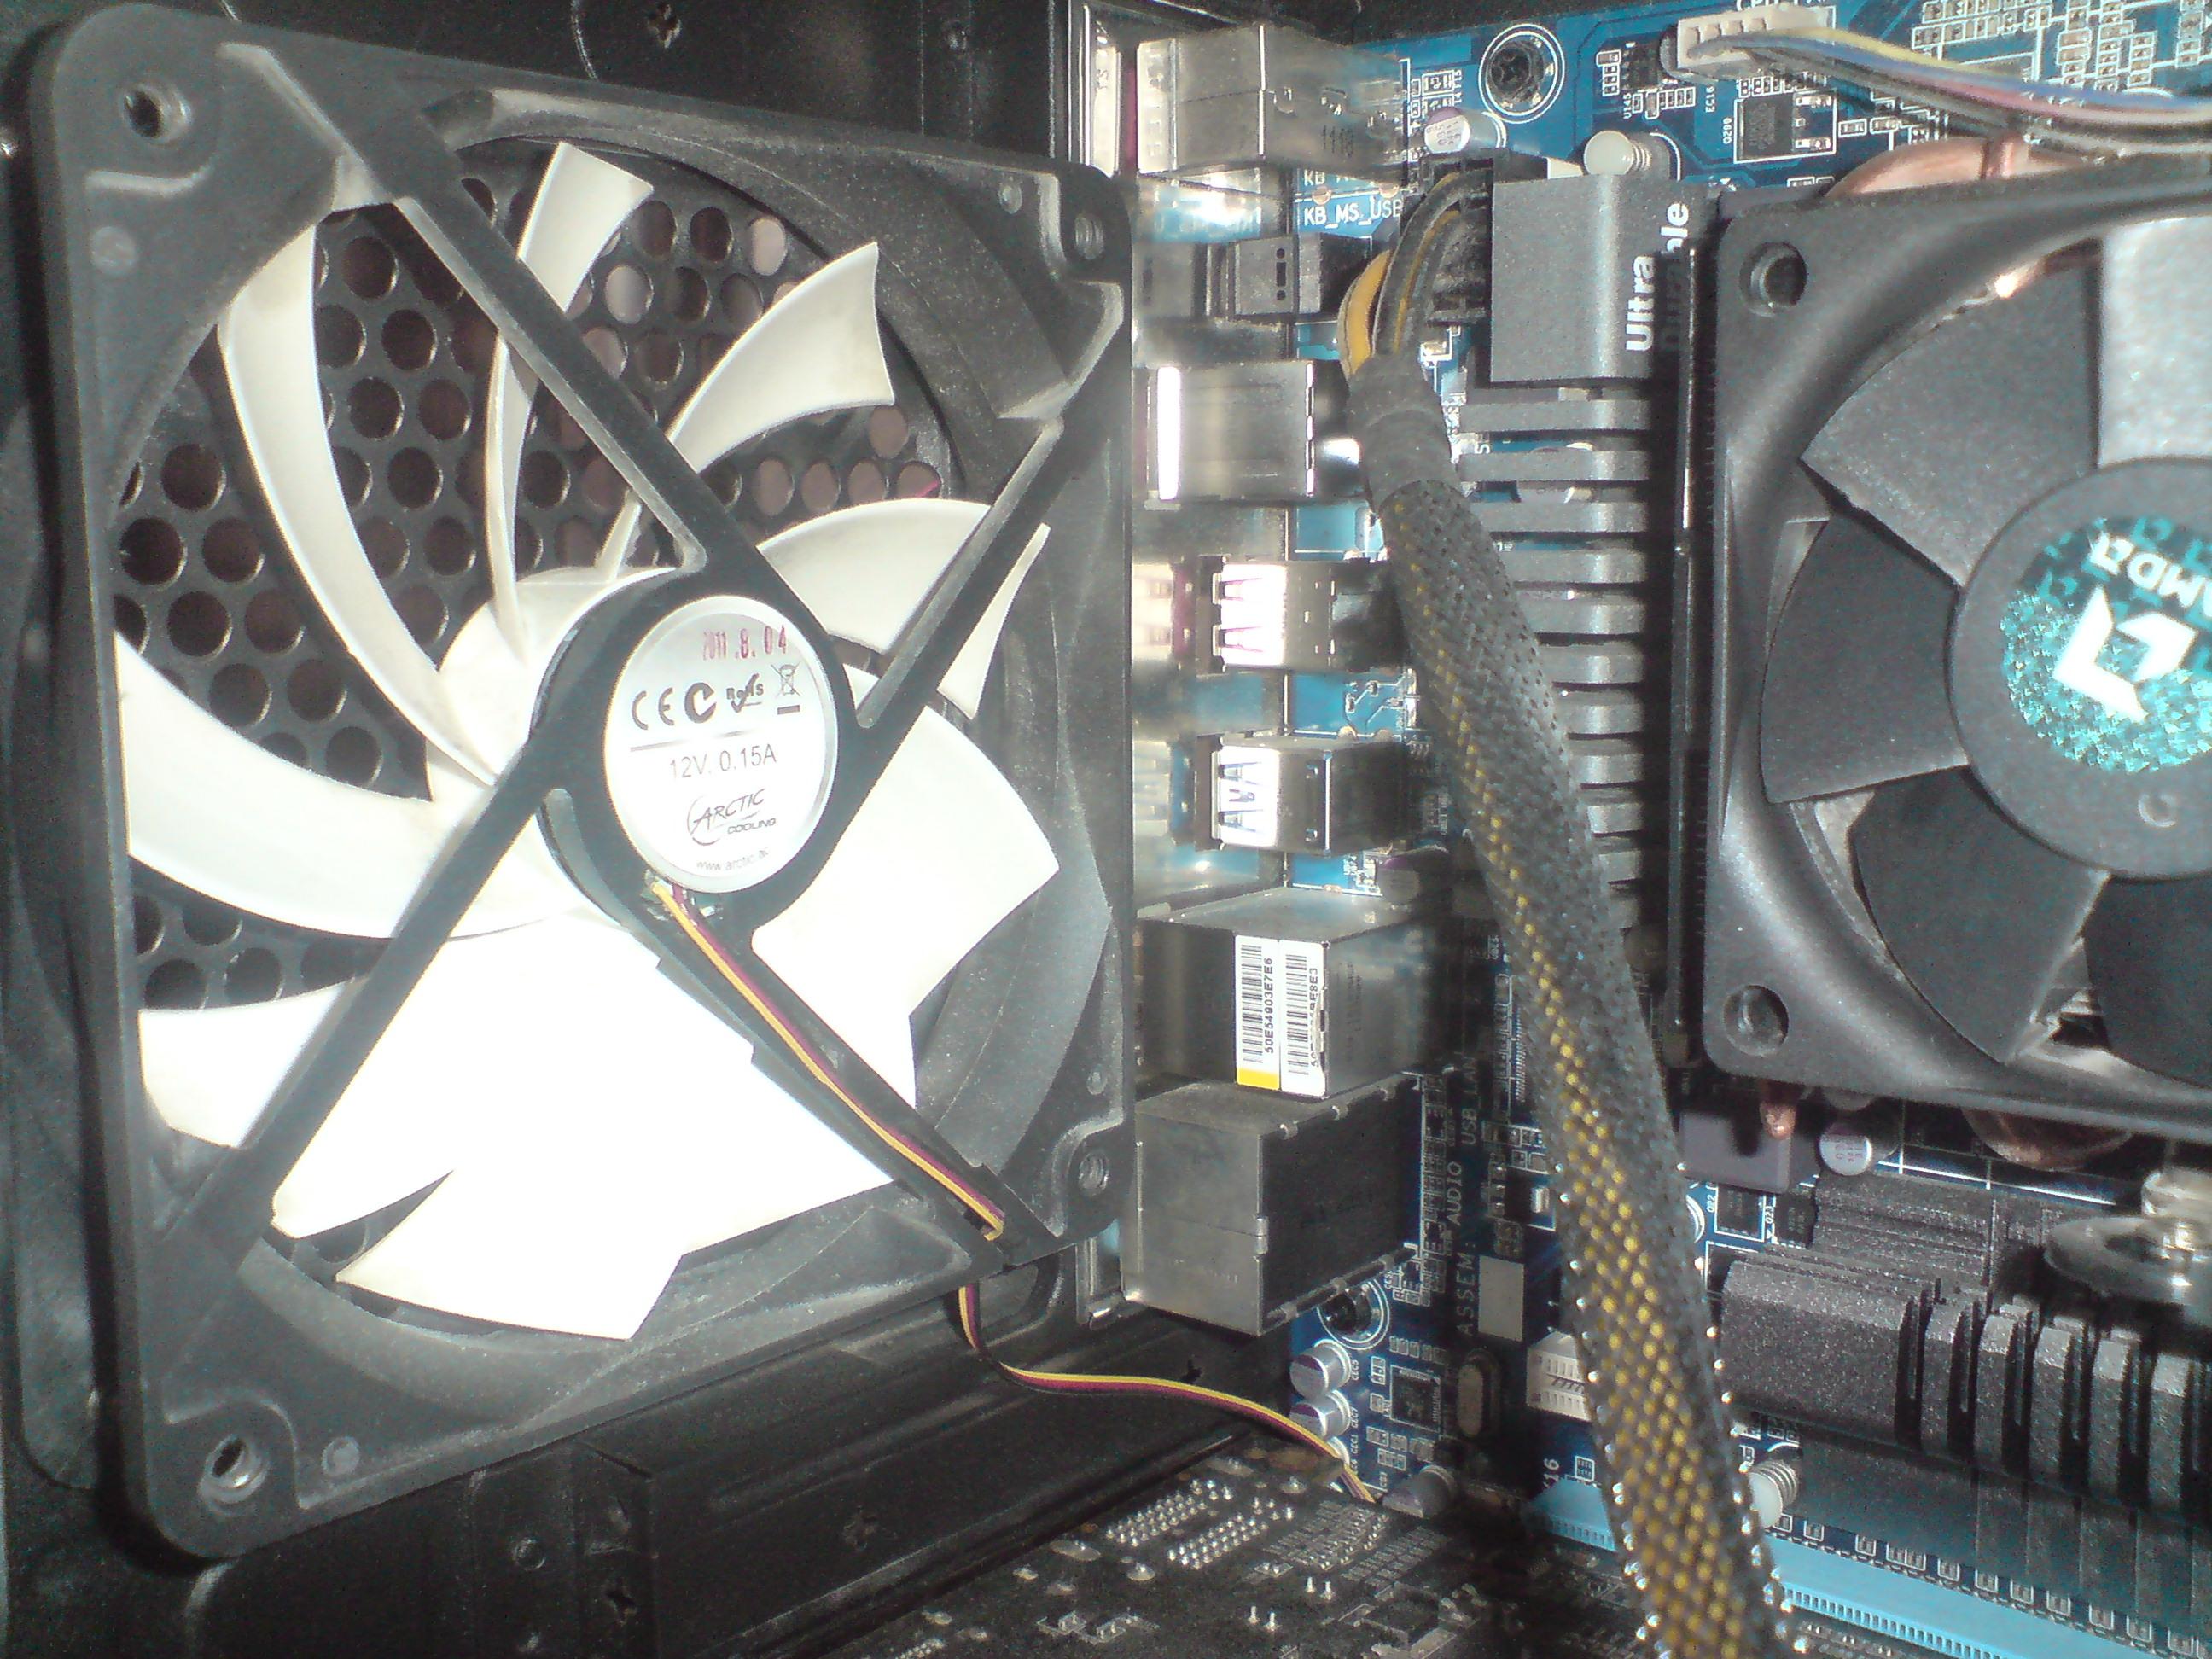 AMD FX 8120 wird zu heiß, hilfe bei Kühlung?